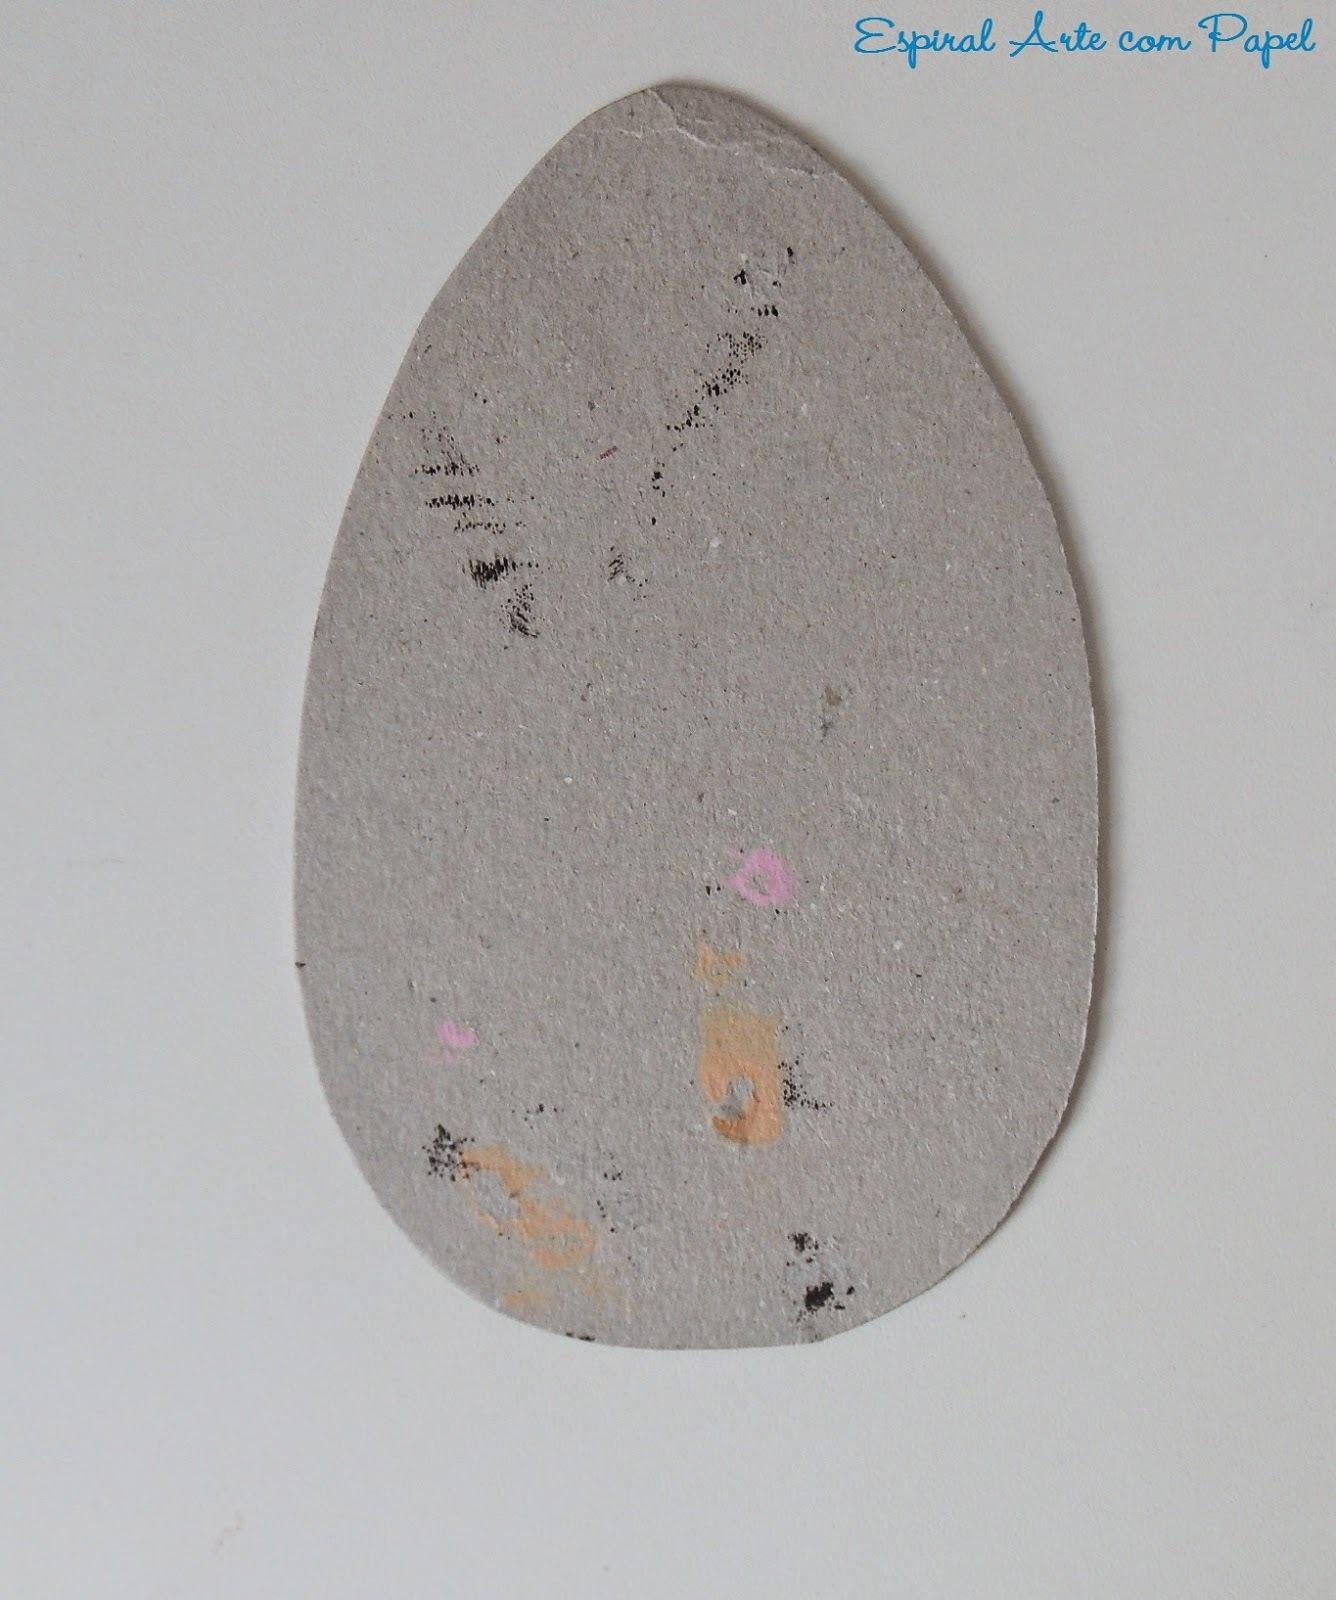 Lembranças de Páscoa com papel costurado